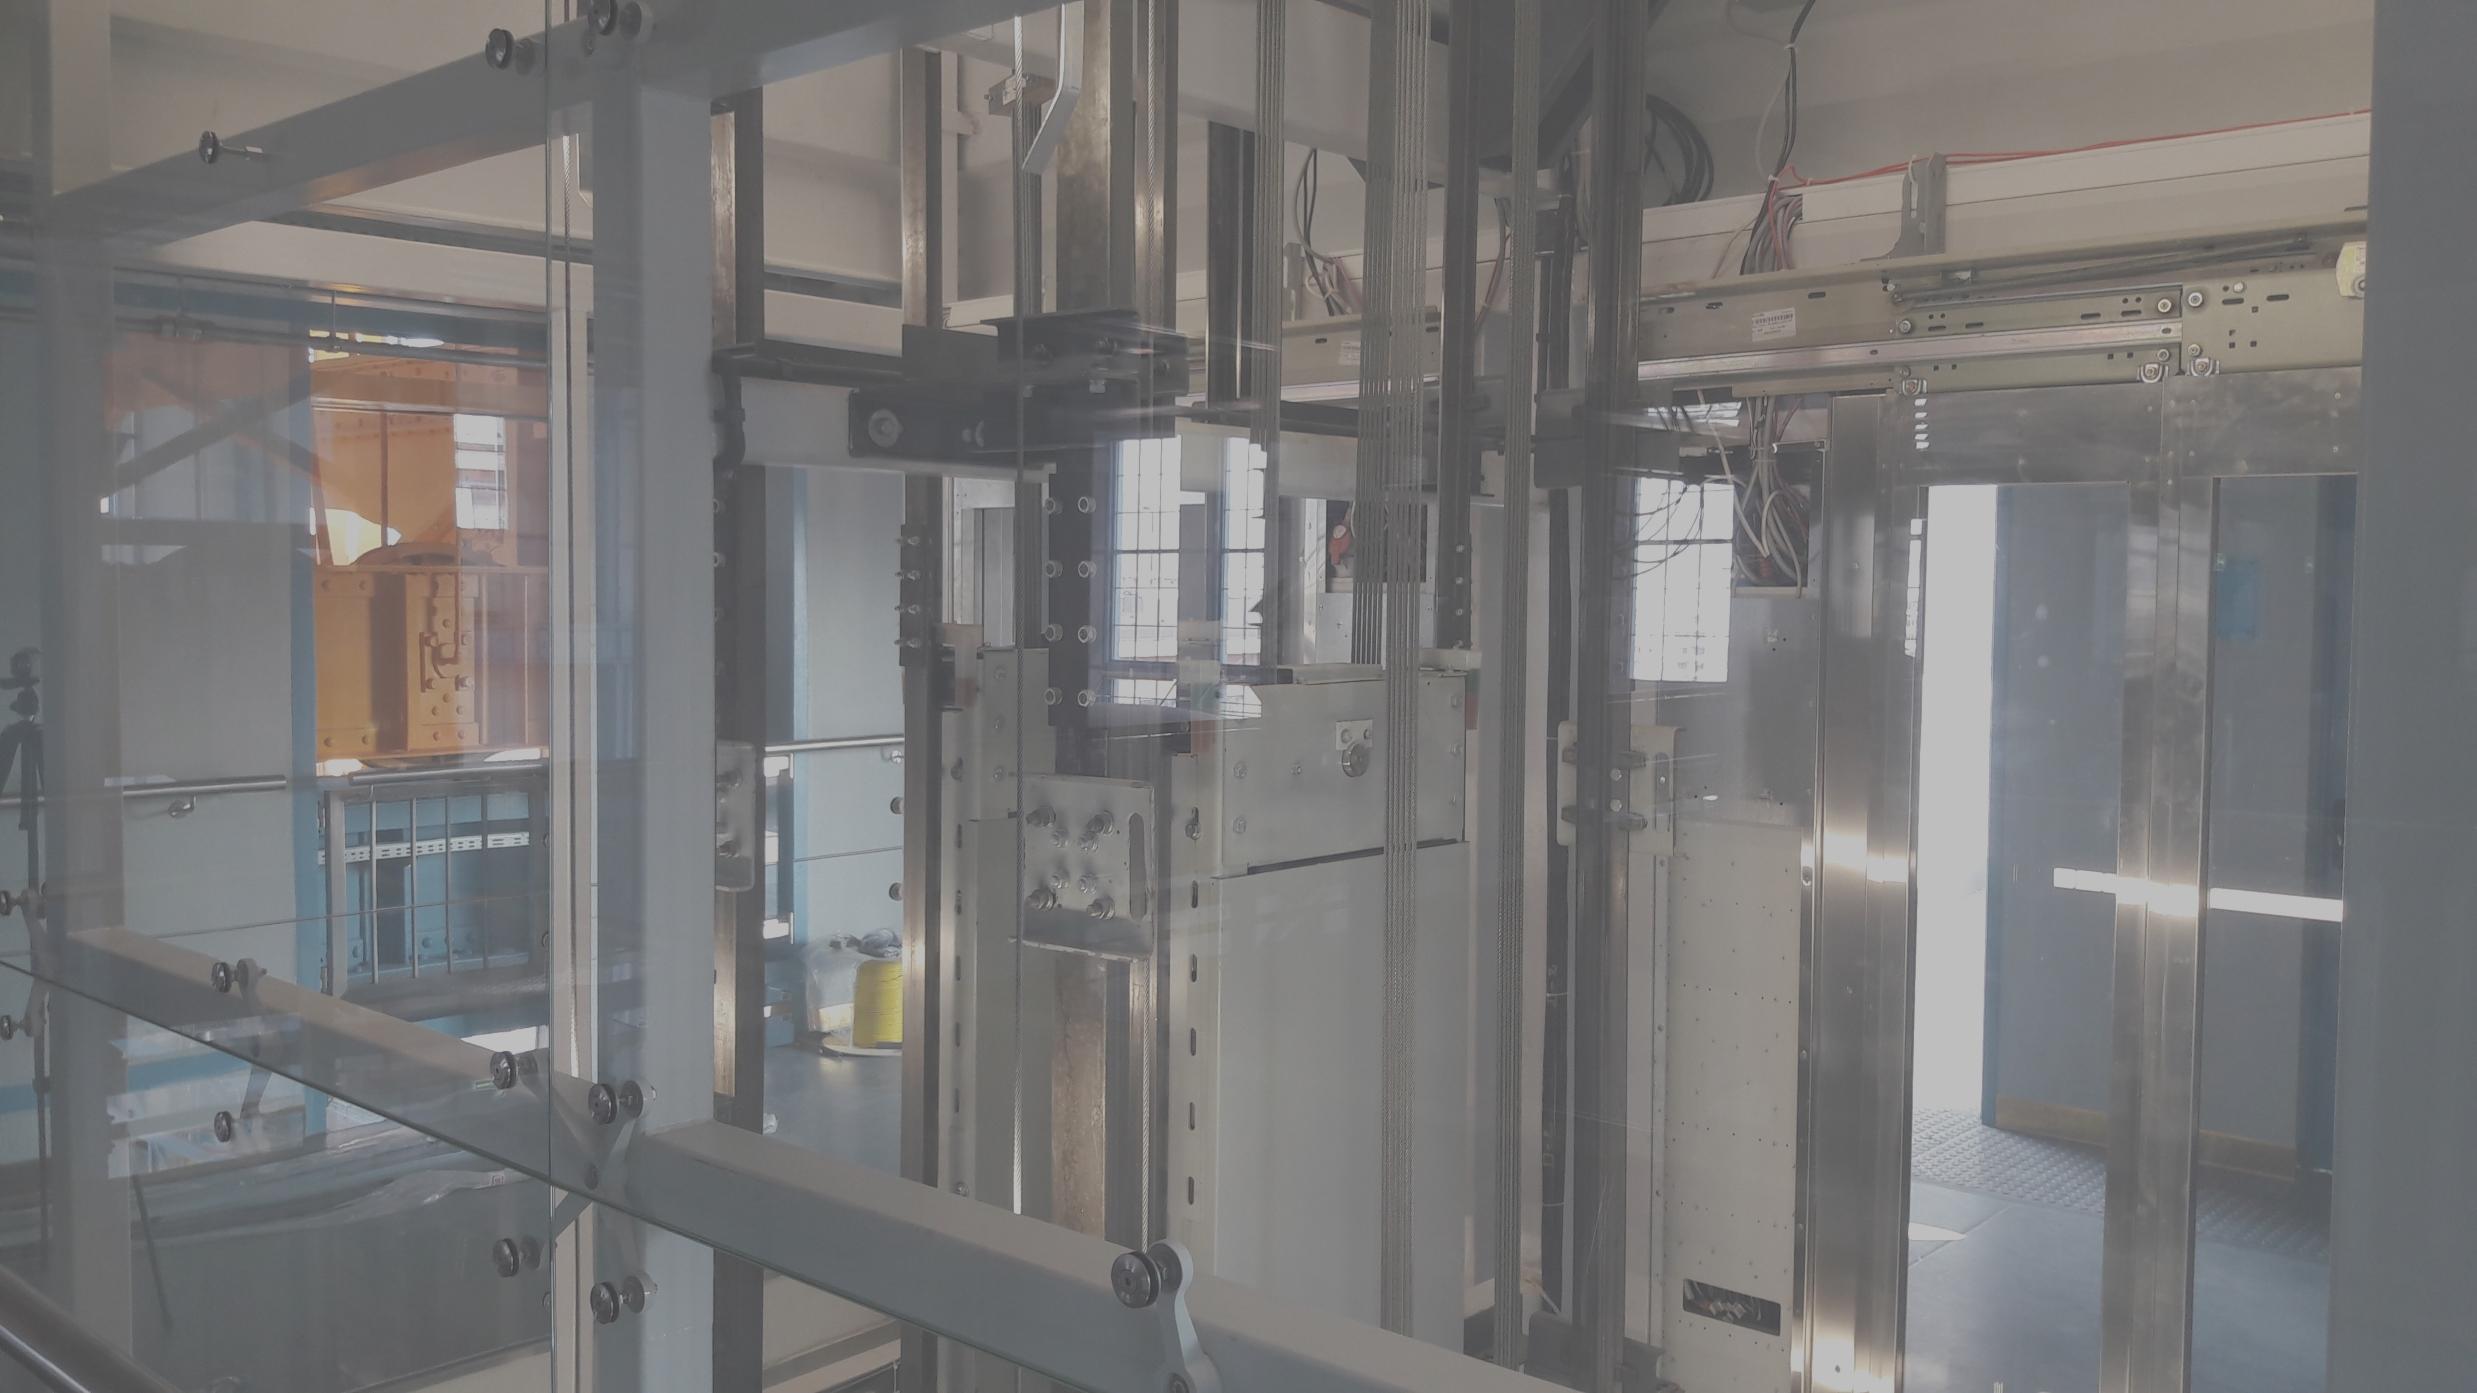 Masywnie Serwis wind Łódź, konserwacja dźwigów, urządzenia dla MB61